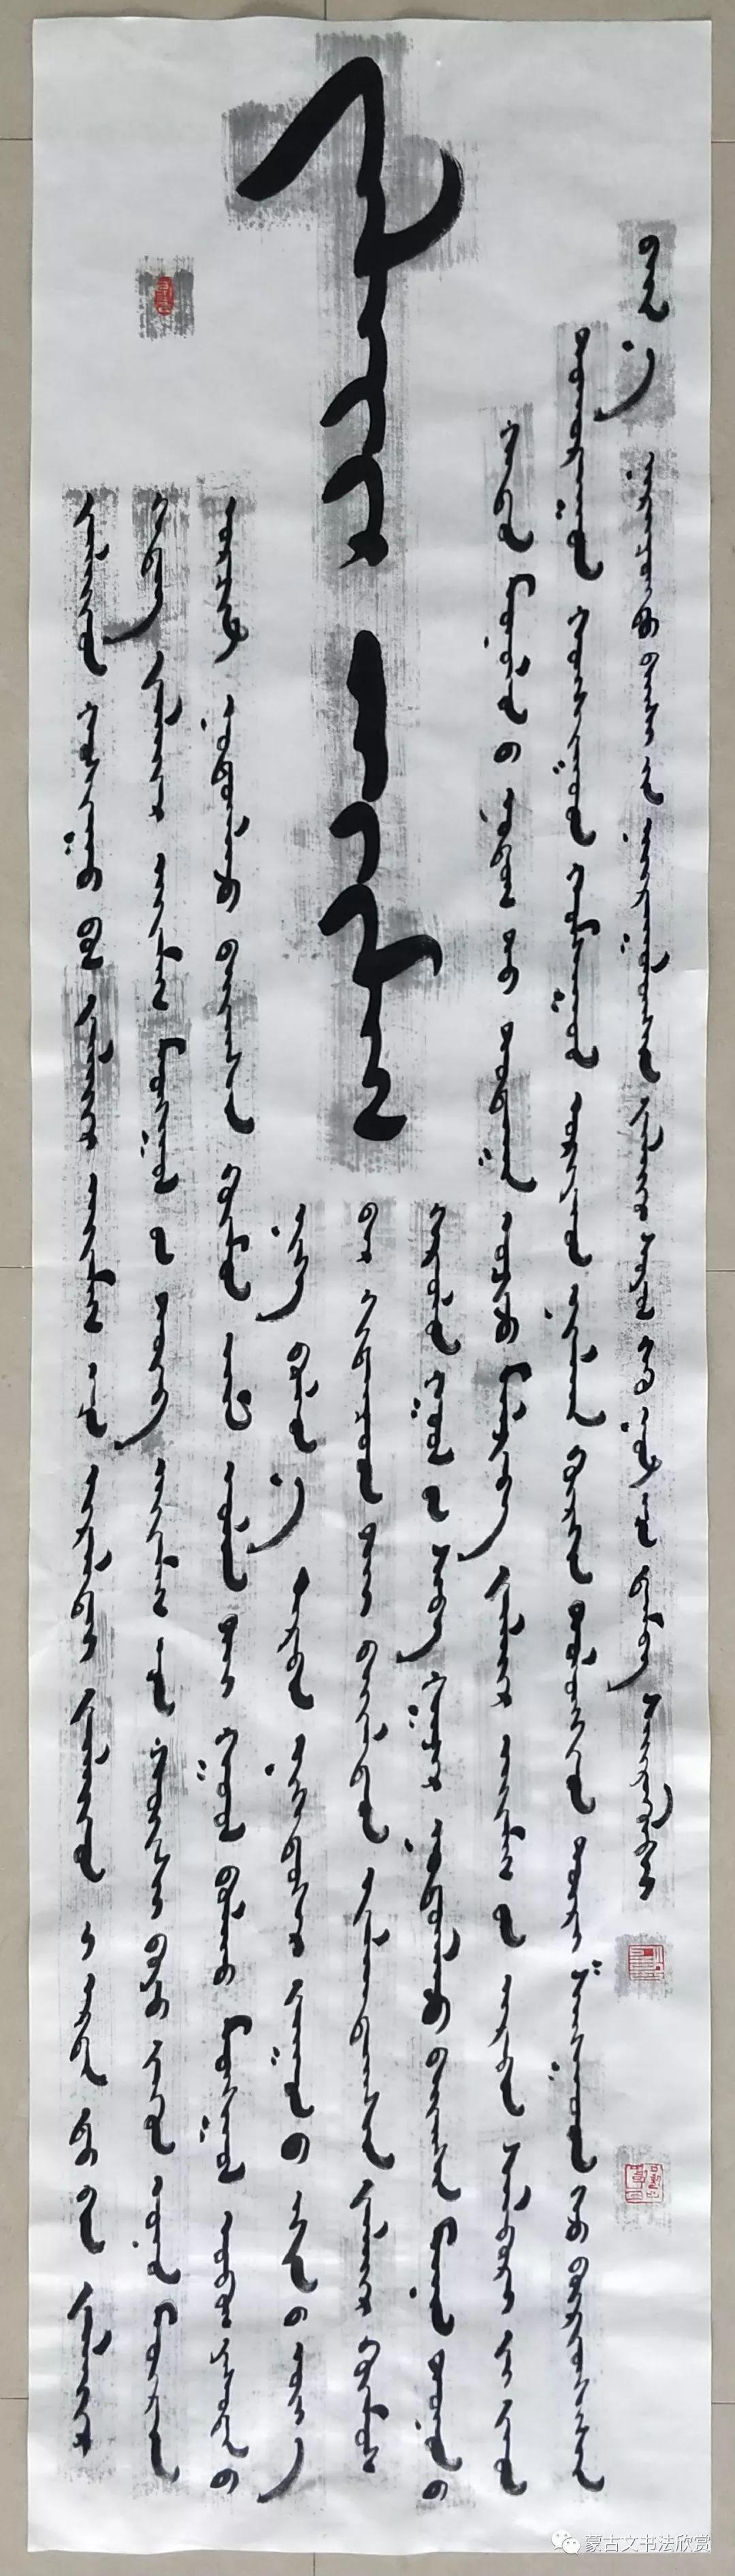 蒙古文书法欣赏——丹巴 第6张 蒙古文书法欣赏——丹巴 蒙古书法